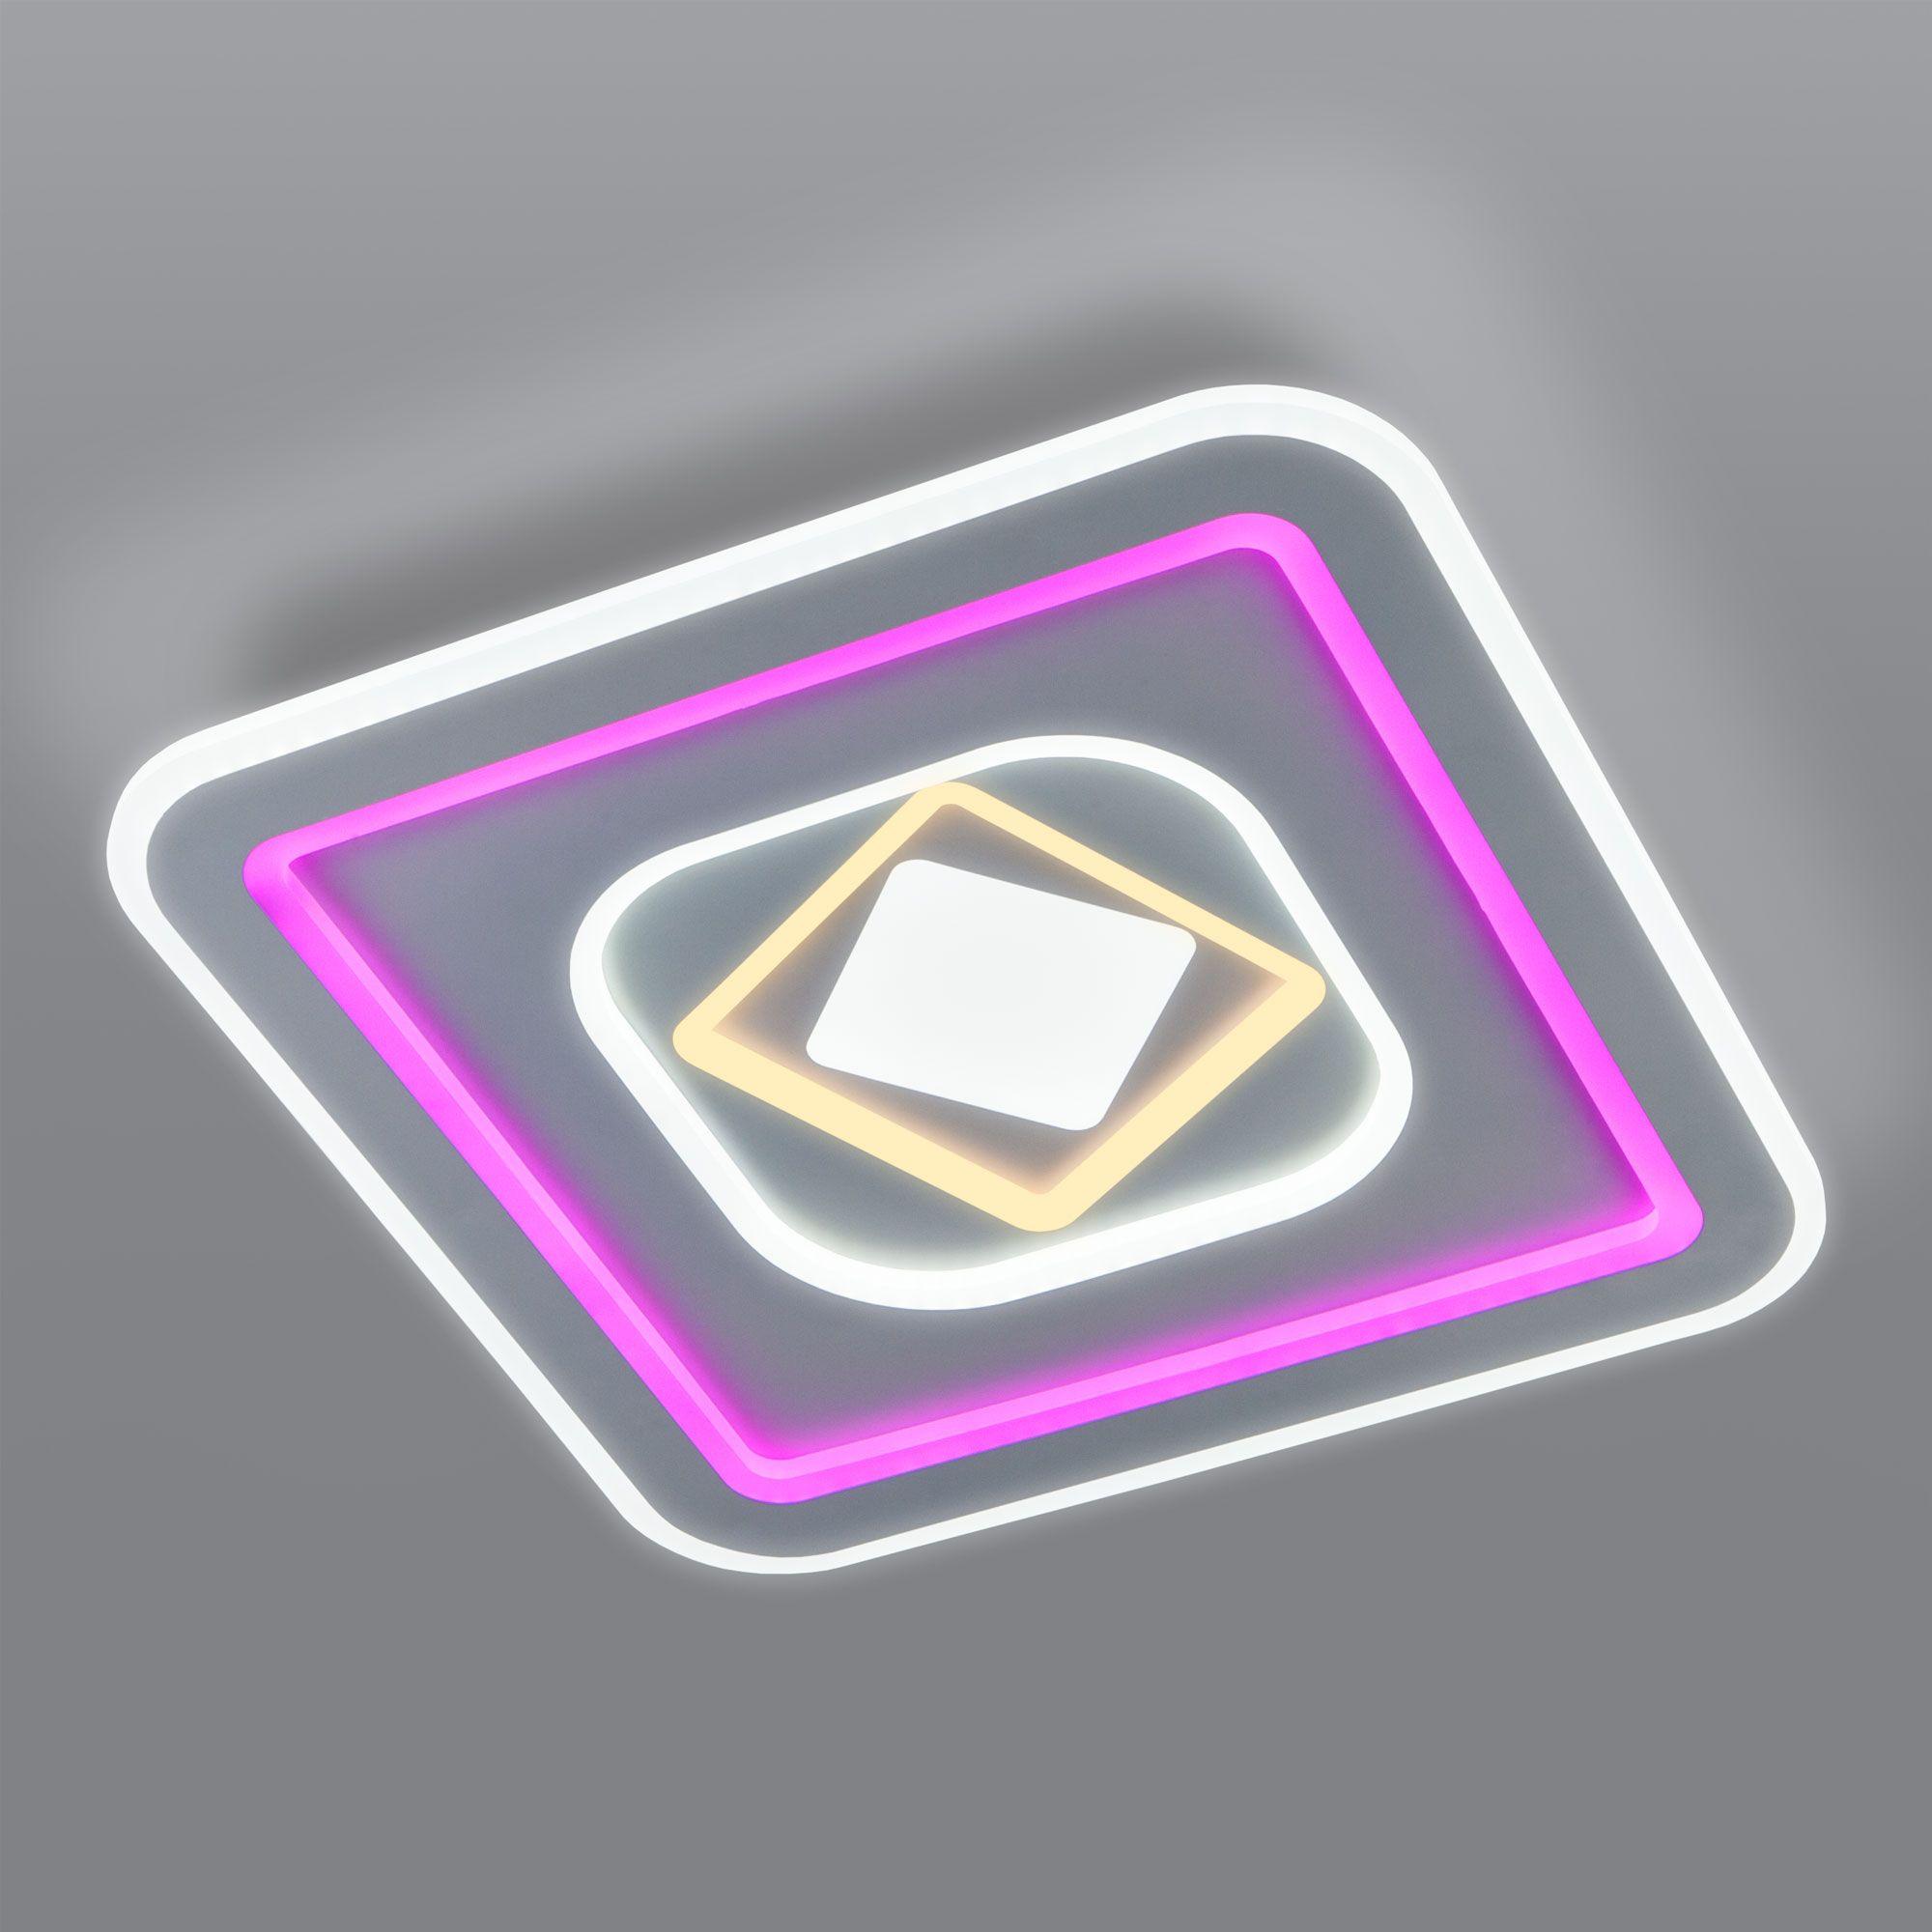 Потолочный светодиодный светильник с пультом управления 90215/1